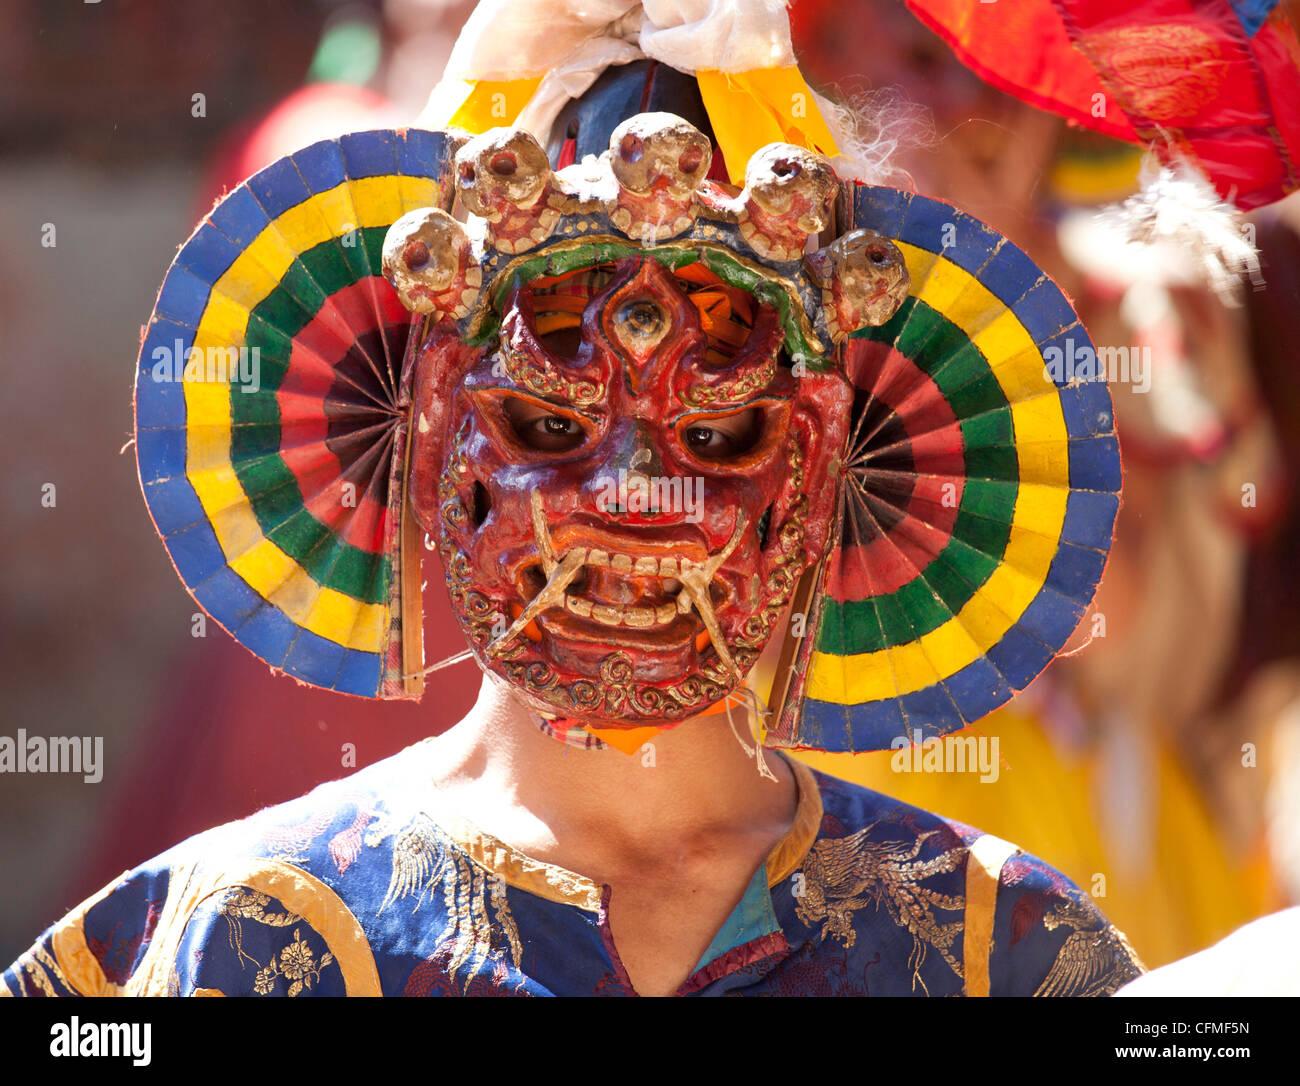 Buddhist monk wearing colourful carved wooden mask at the Tamshing Phala Choepa Tsechu, near Jakar, Bumthang, Bhutan, - Stock Image